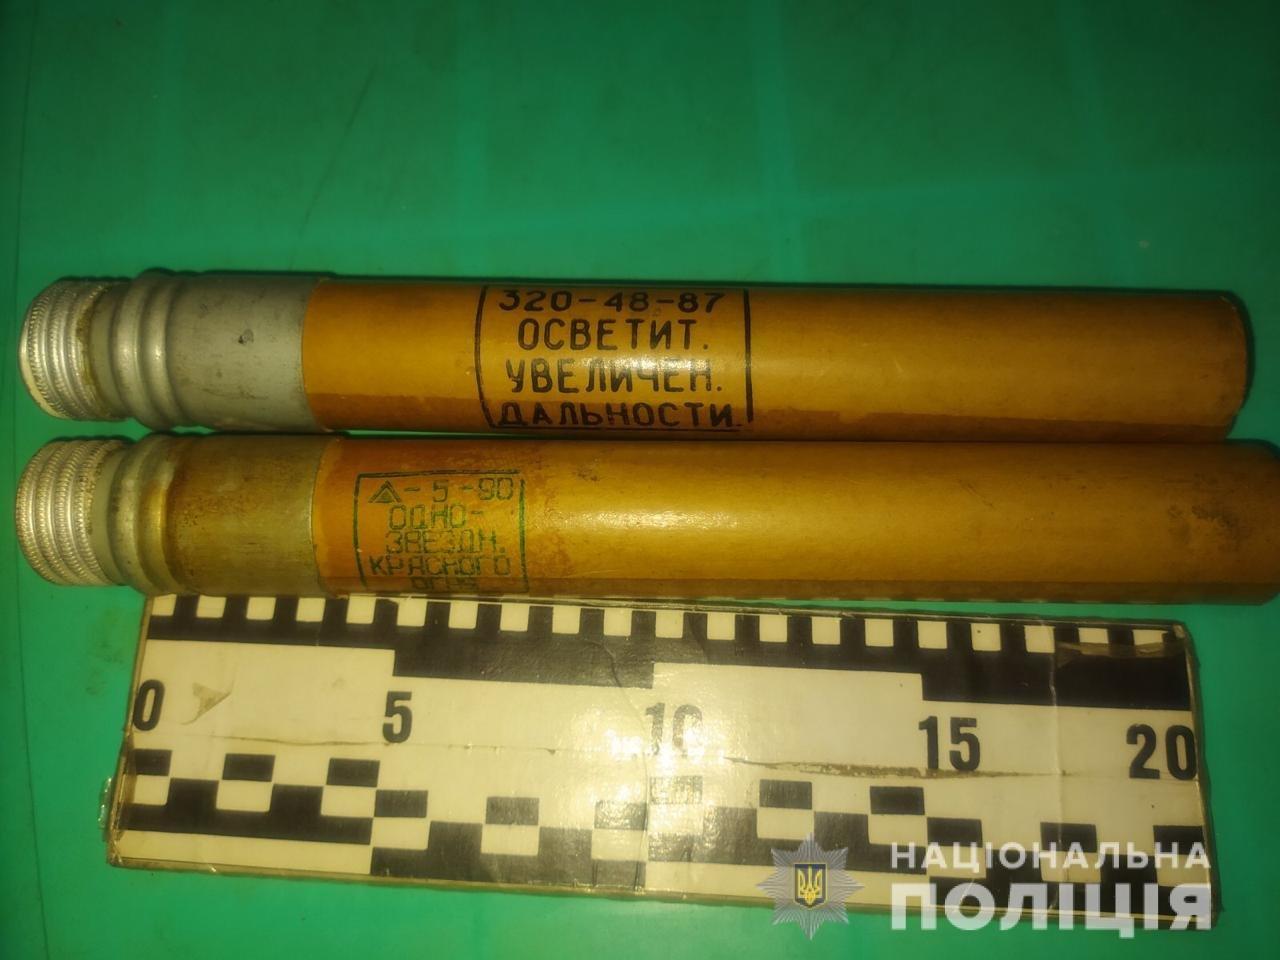 Стали известны новые подробности взрыва в Краснопавловке, фото-1